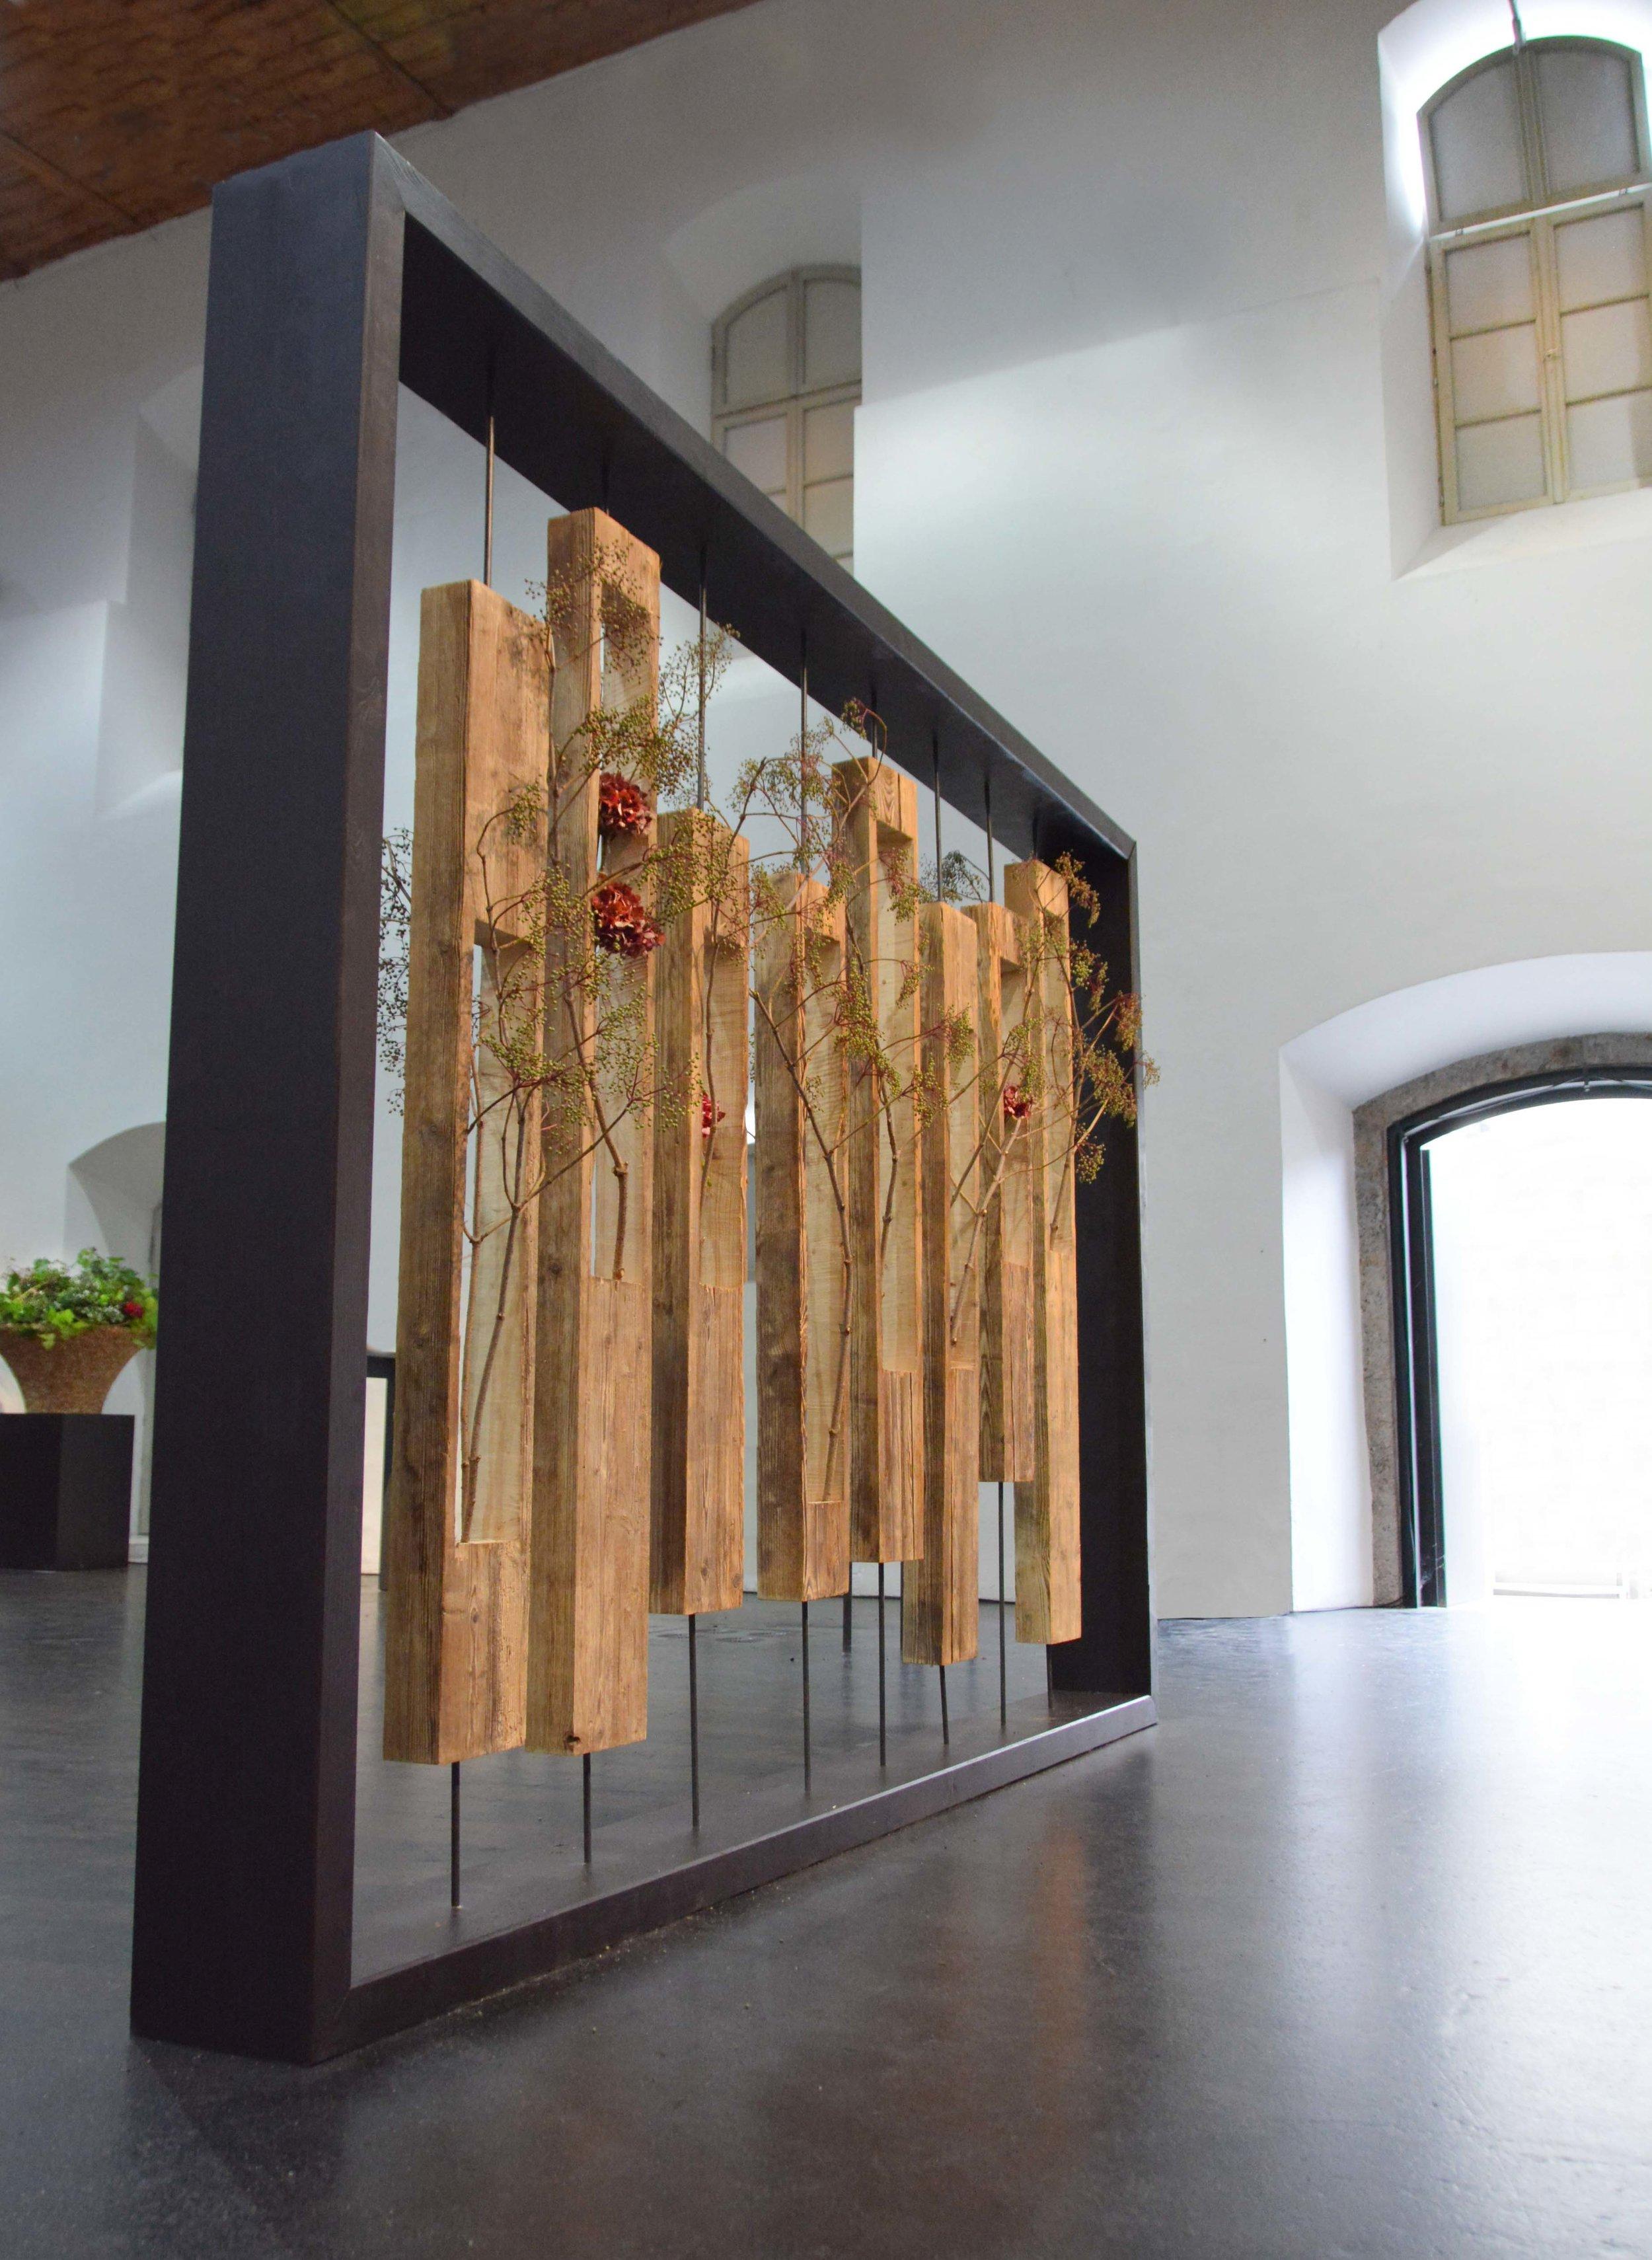 Grosse Dimensionen - viel Raum war für die diesjährige Ausstellung der Meisterarbeiten notwendig, da an der Meisterprüfung in Innsbruck rund 200 Werkstücke entstanden. Hier ein Blick in die Säulenhalle kurz vor der Eröffnung.